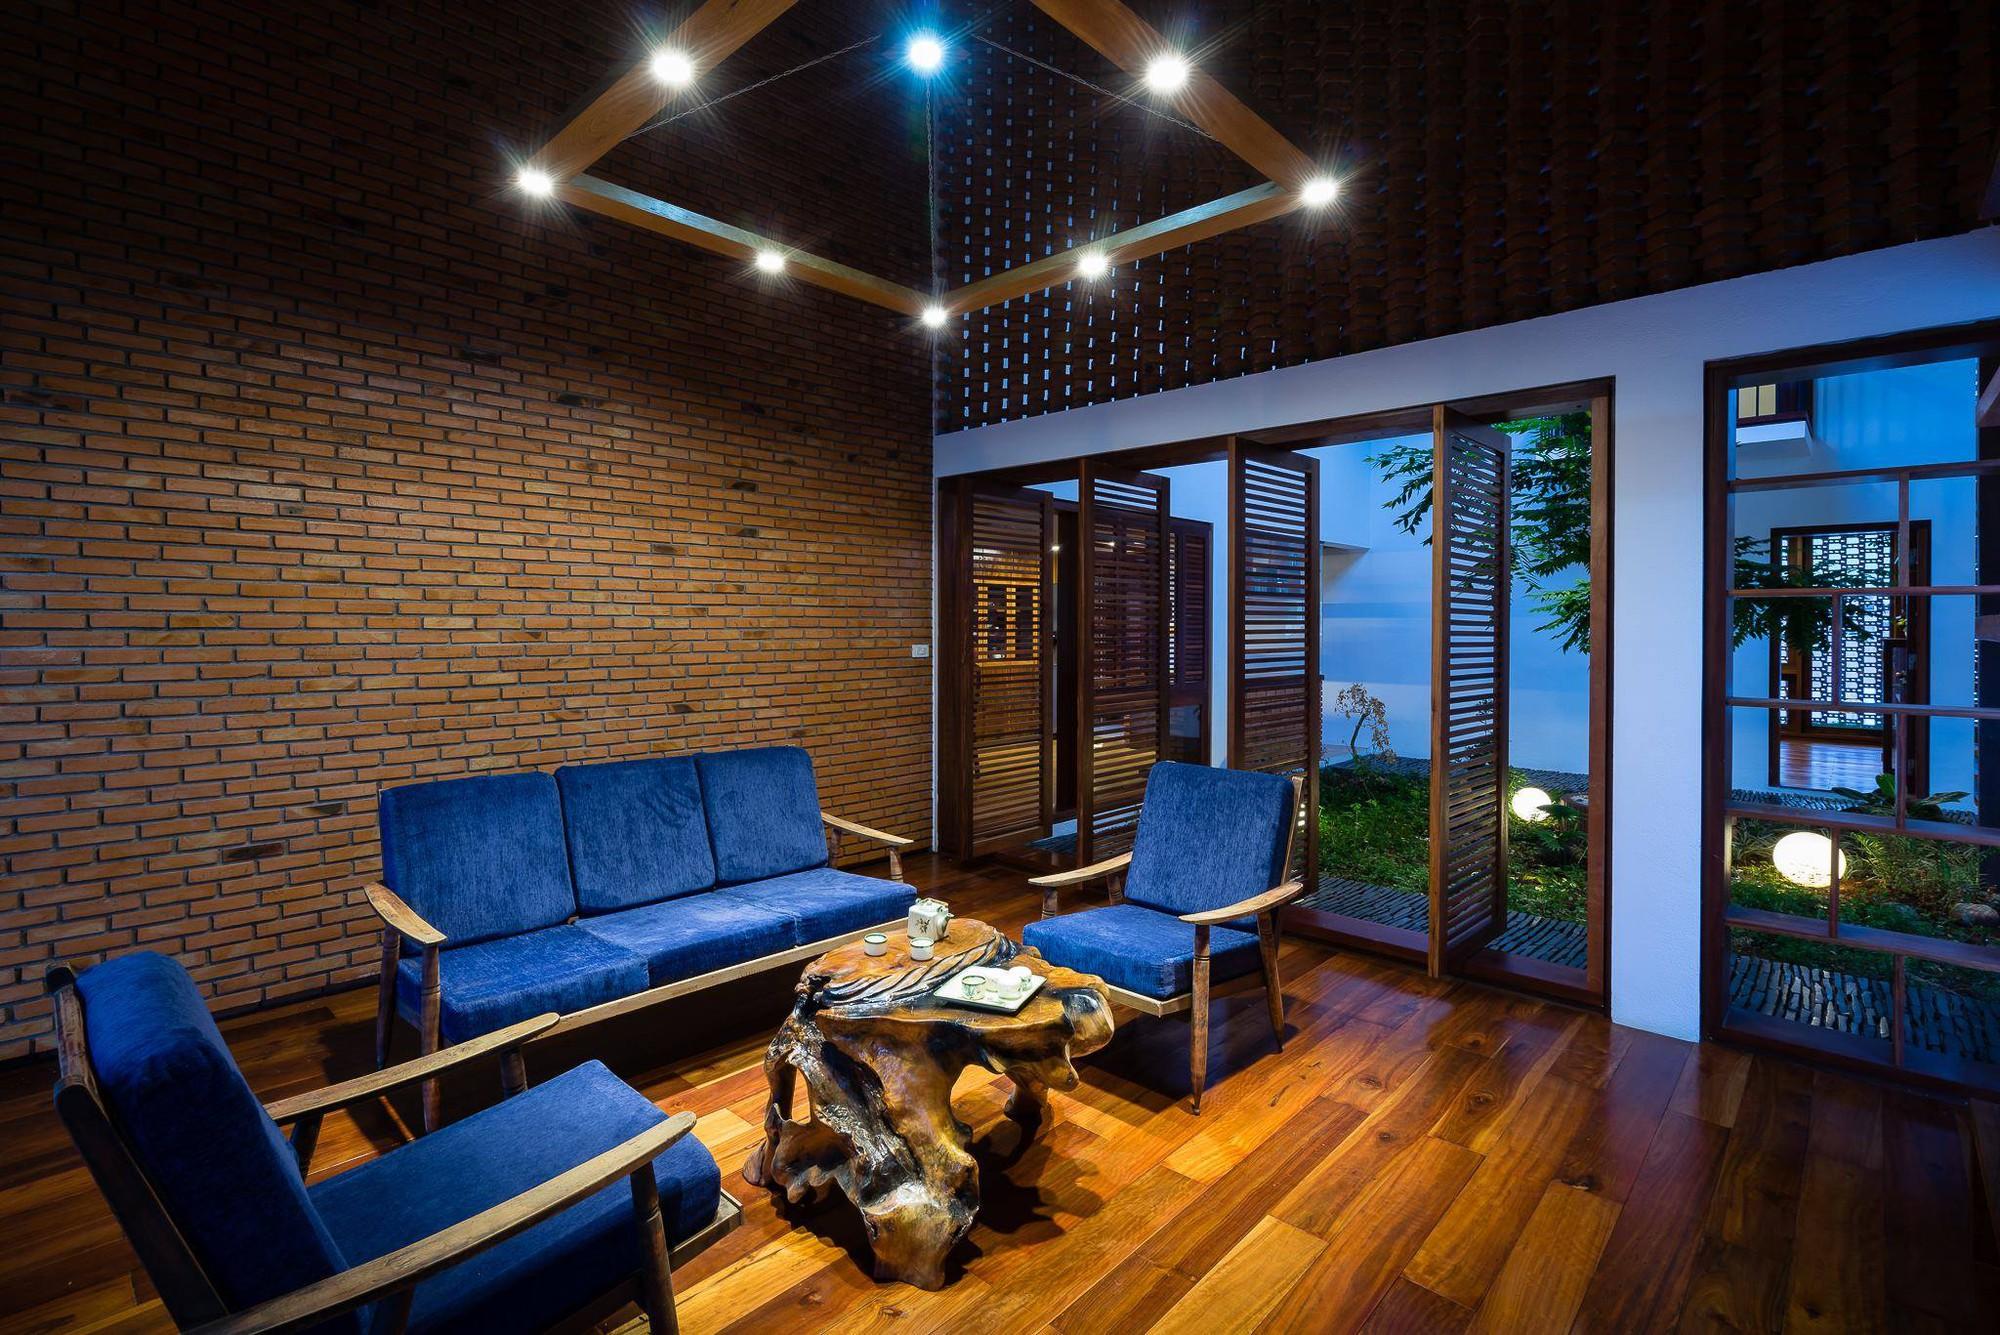 Ngôi nhà mái ngói cấp 4 đẹp như resort khiến nhiều người ước mơ ở Lâm Đồng - Ảnh 6.